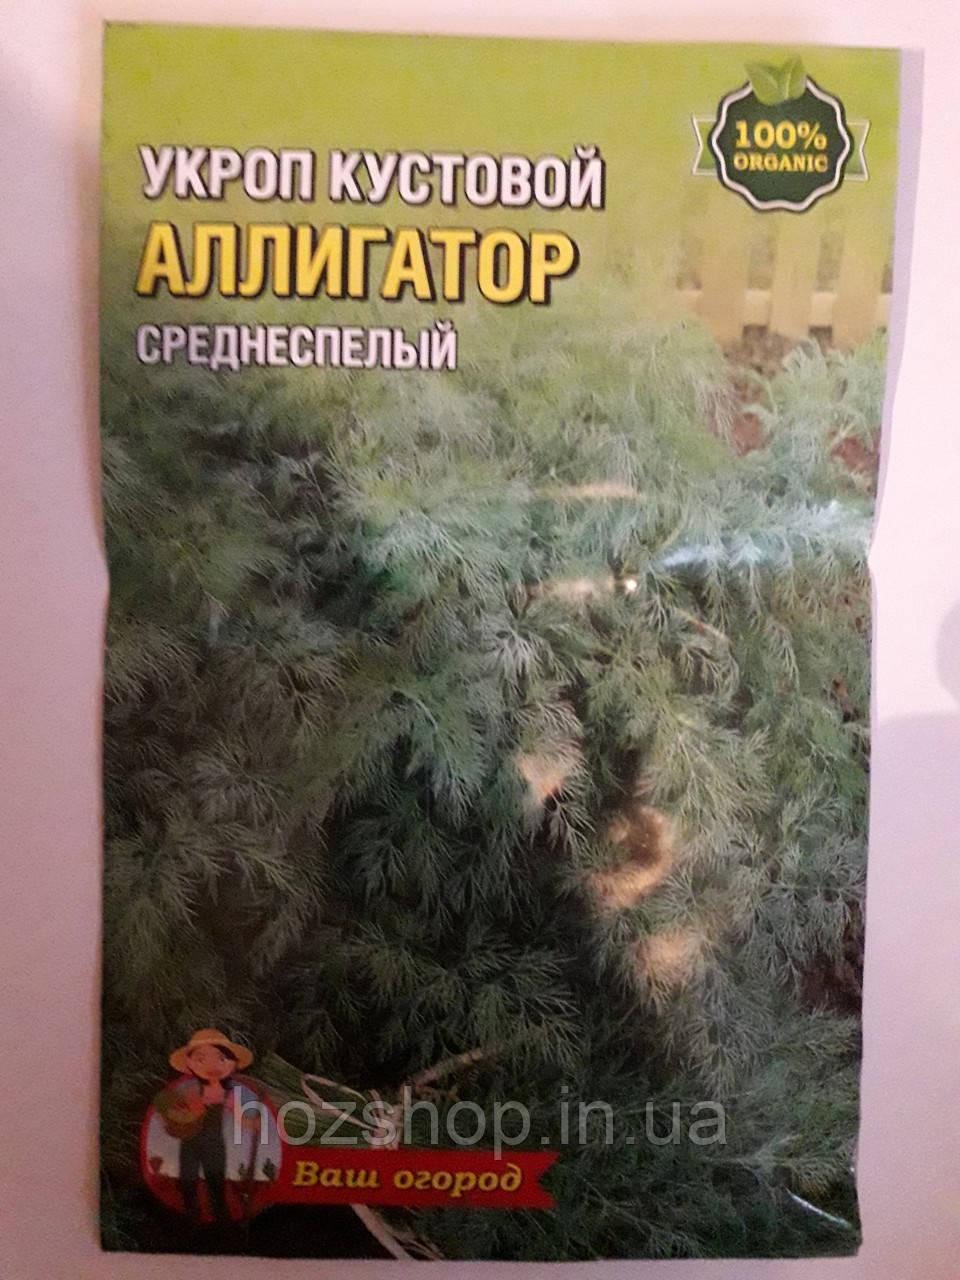 Укроп кустовой Аллигатор среднеспелый 20 г (минимальный заказ 10 пачек)